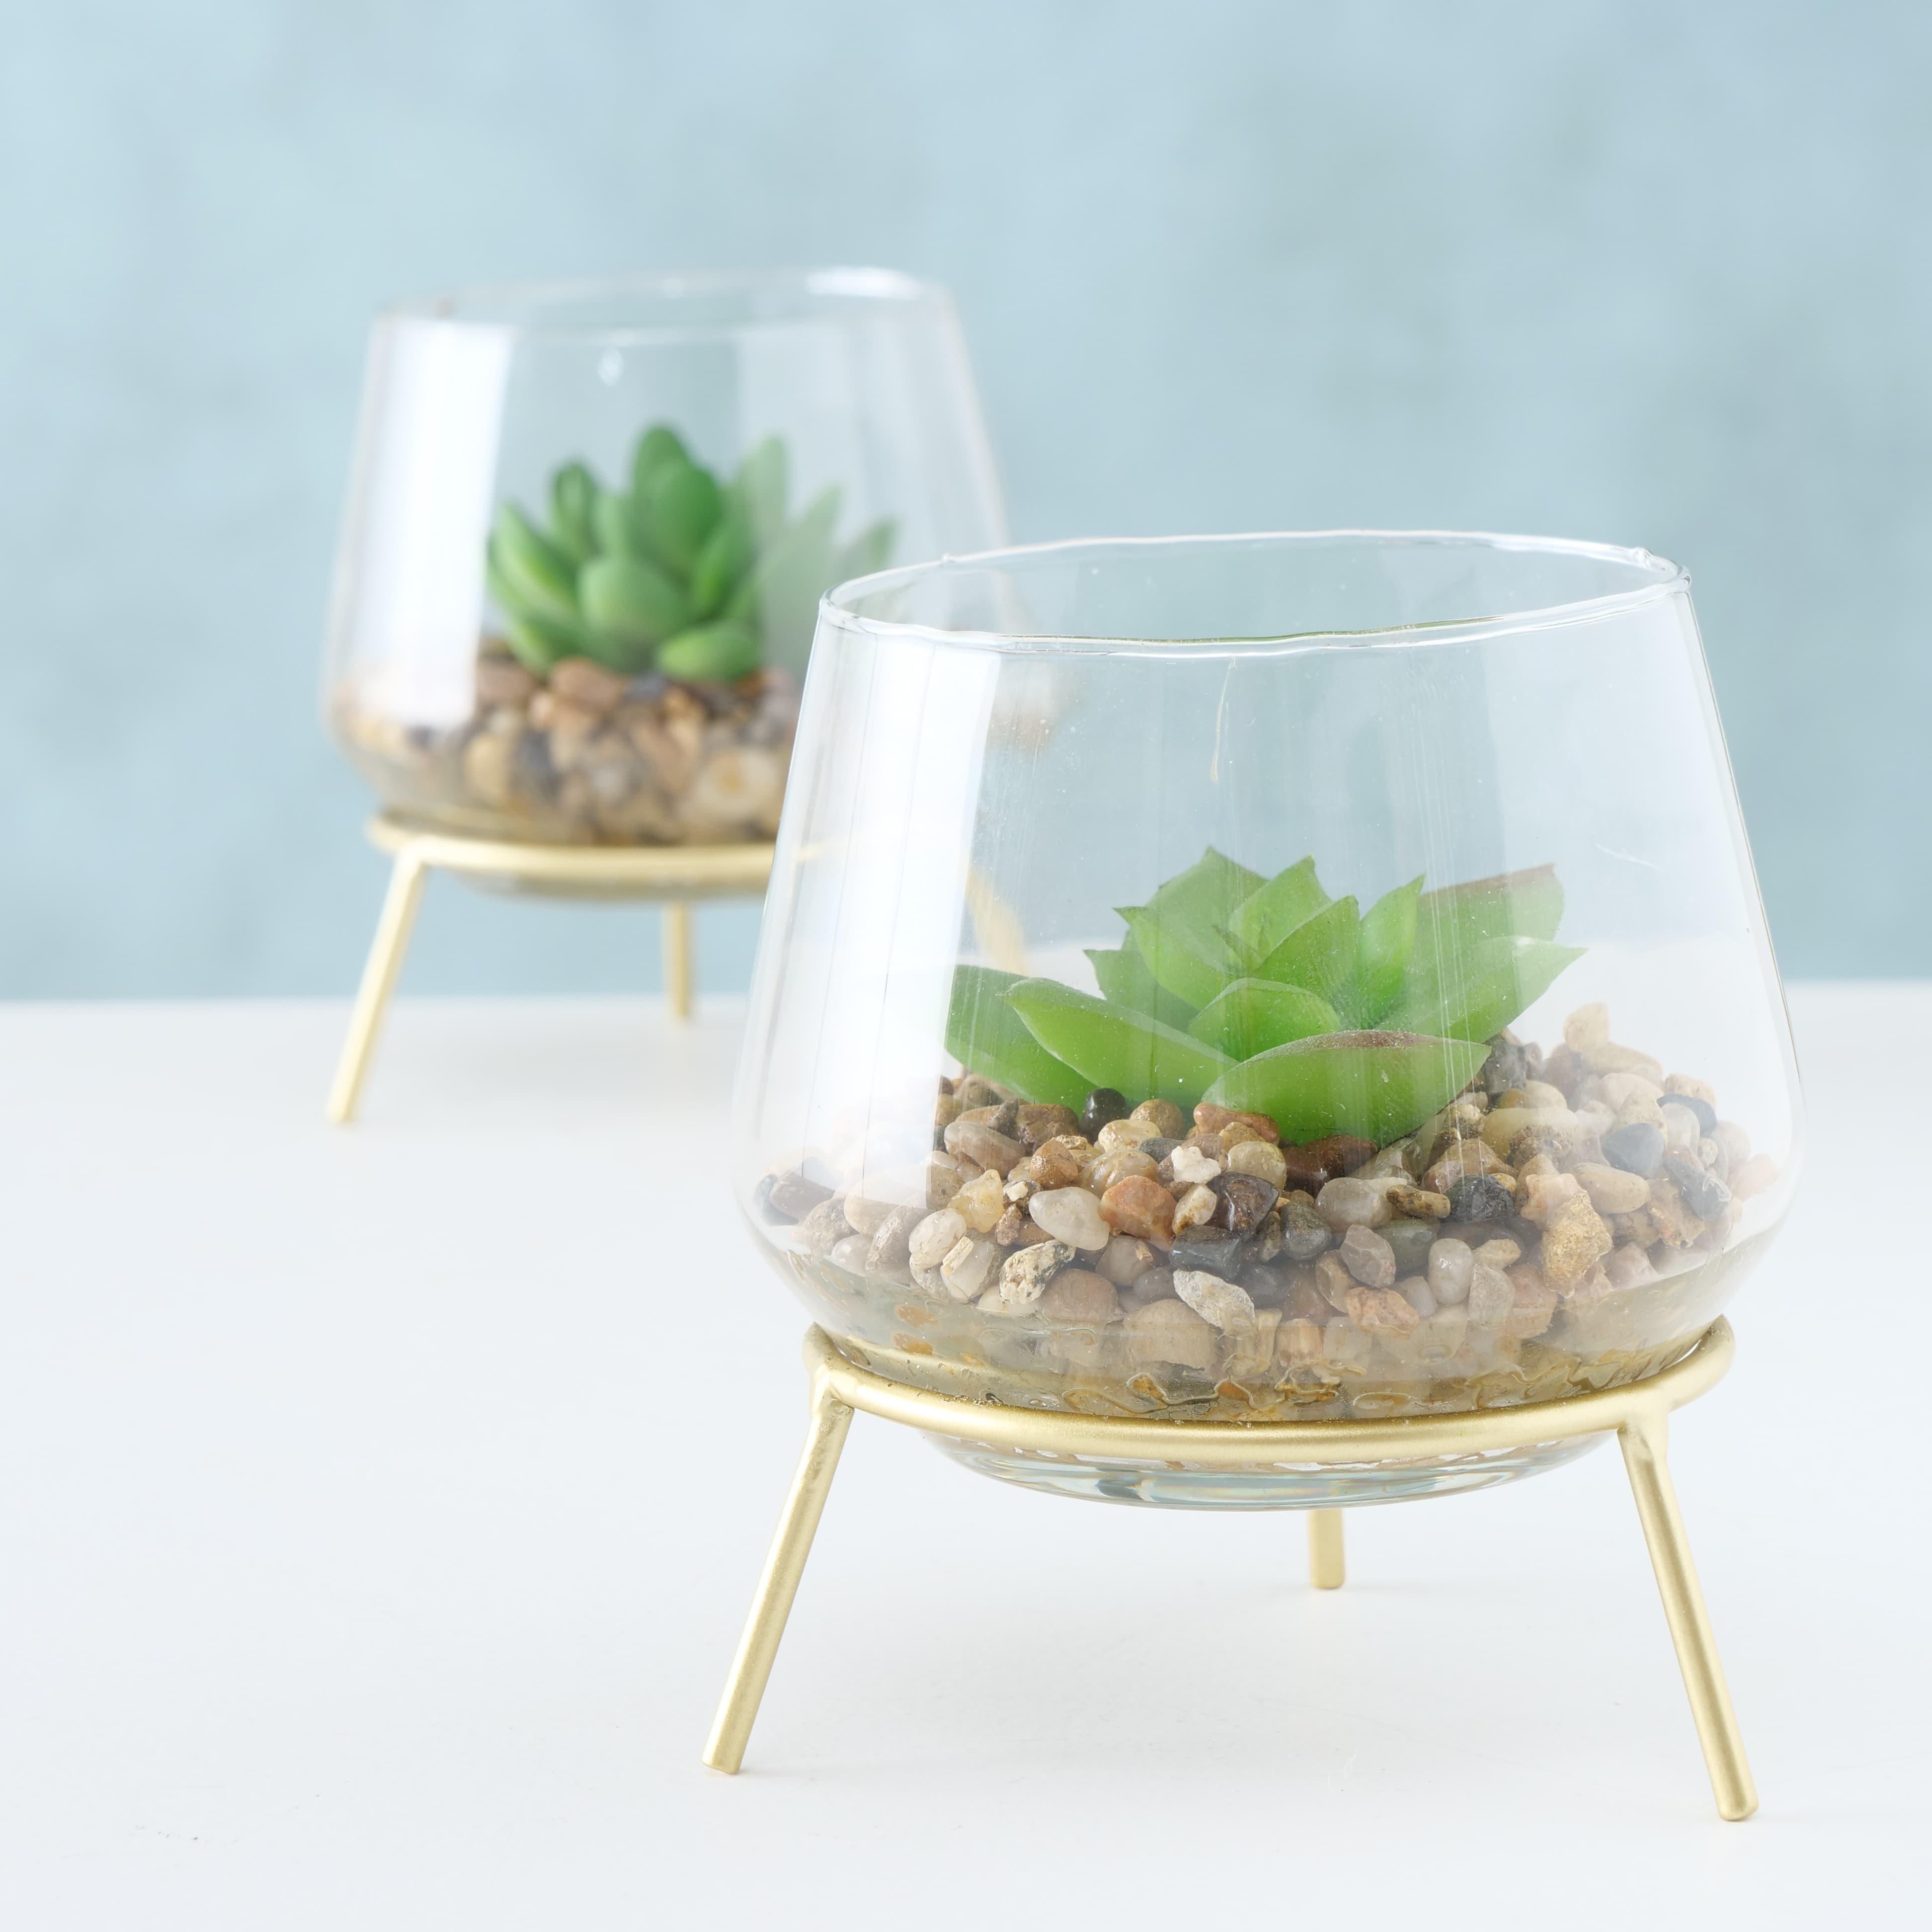 Aranjament decorativ cu plante artificiale Candio Verde, Modele Asortate, Ø10xH11 cm imagine